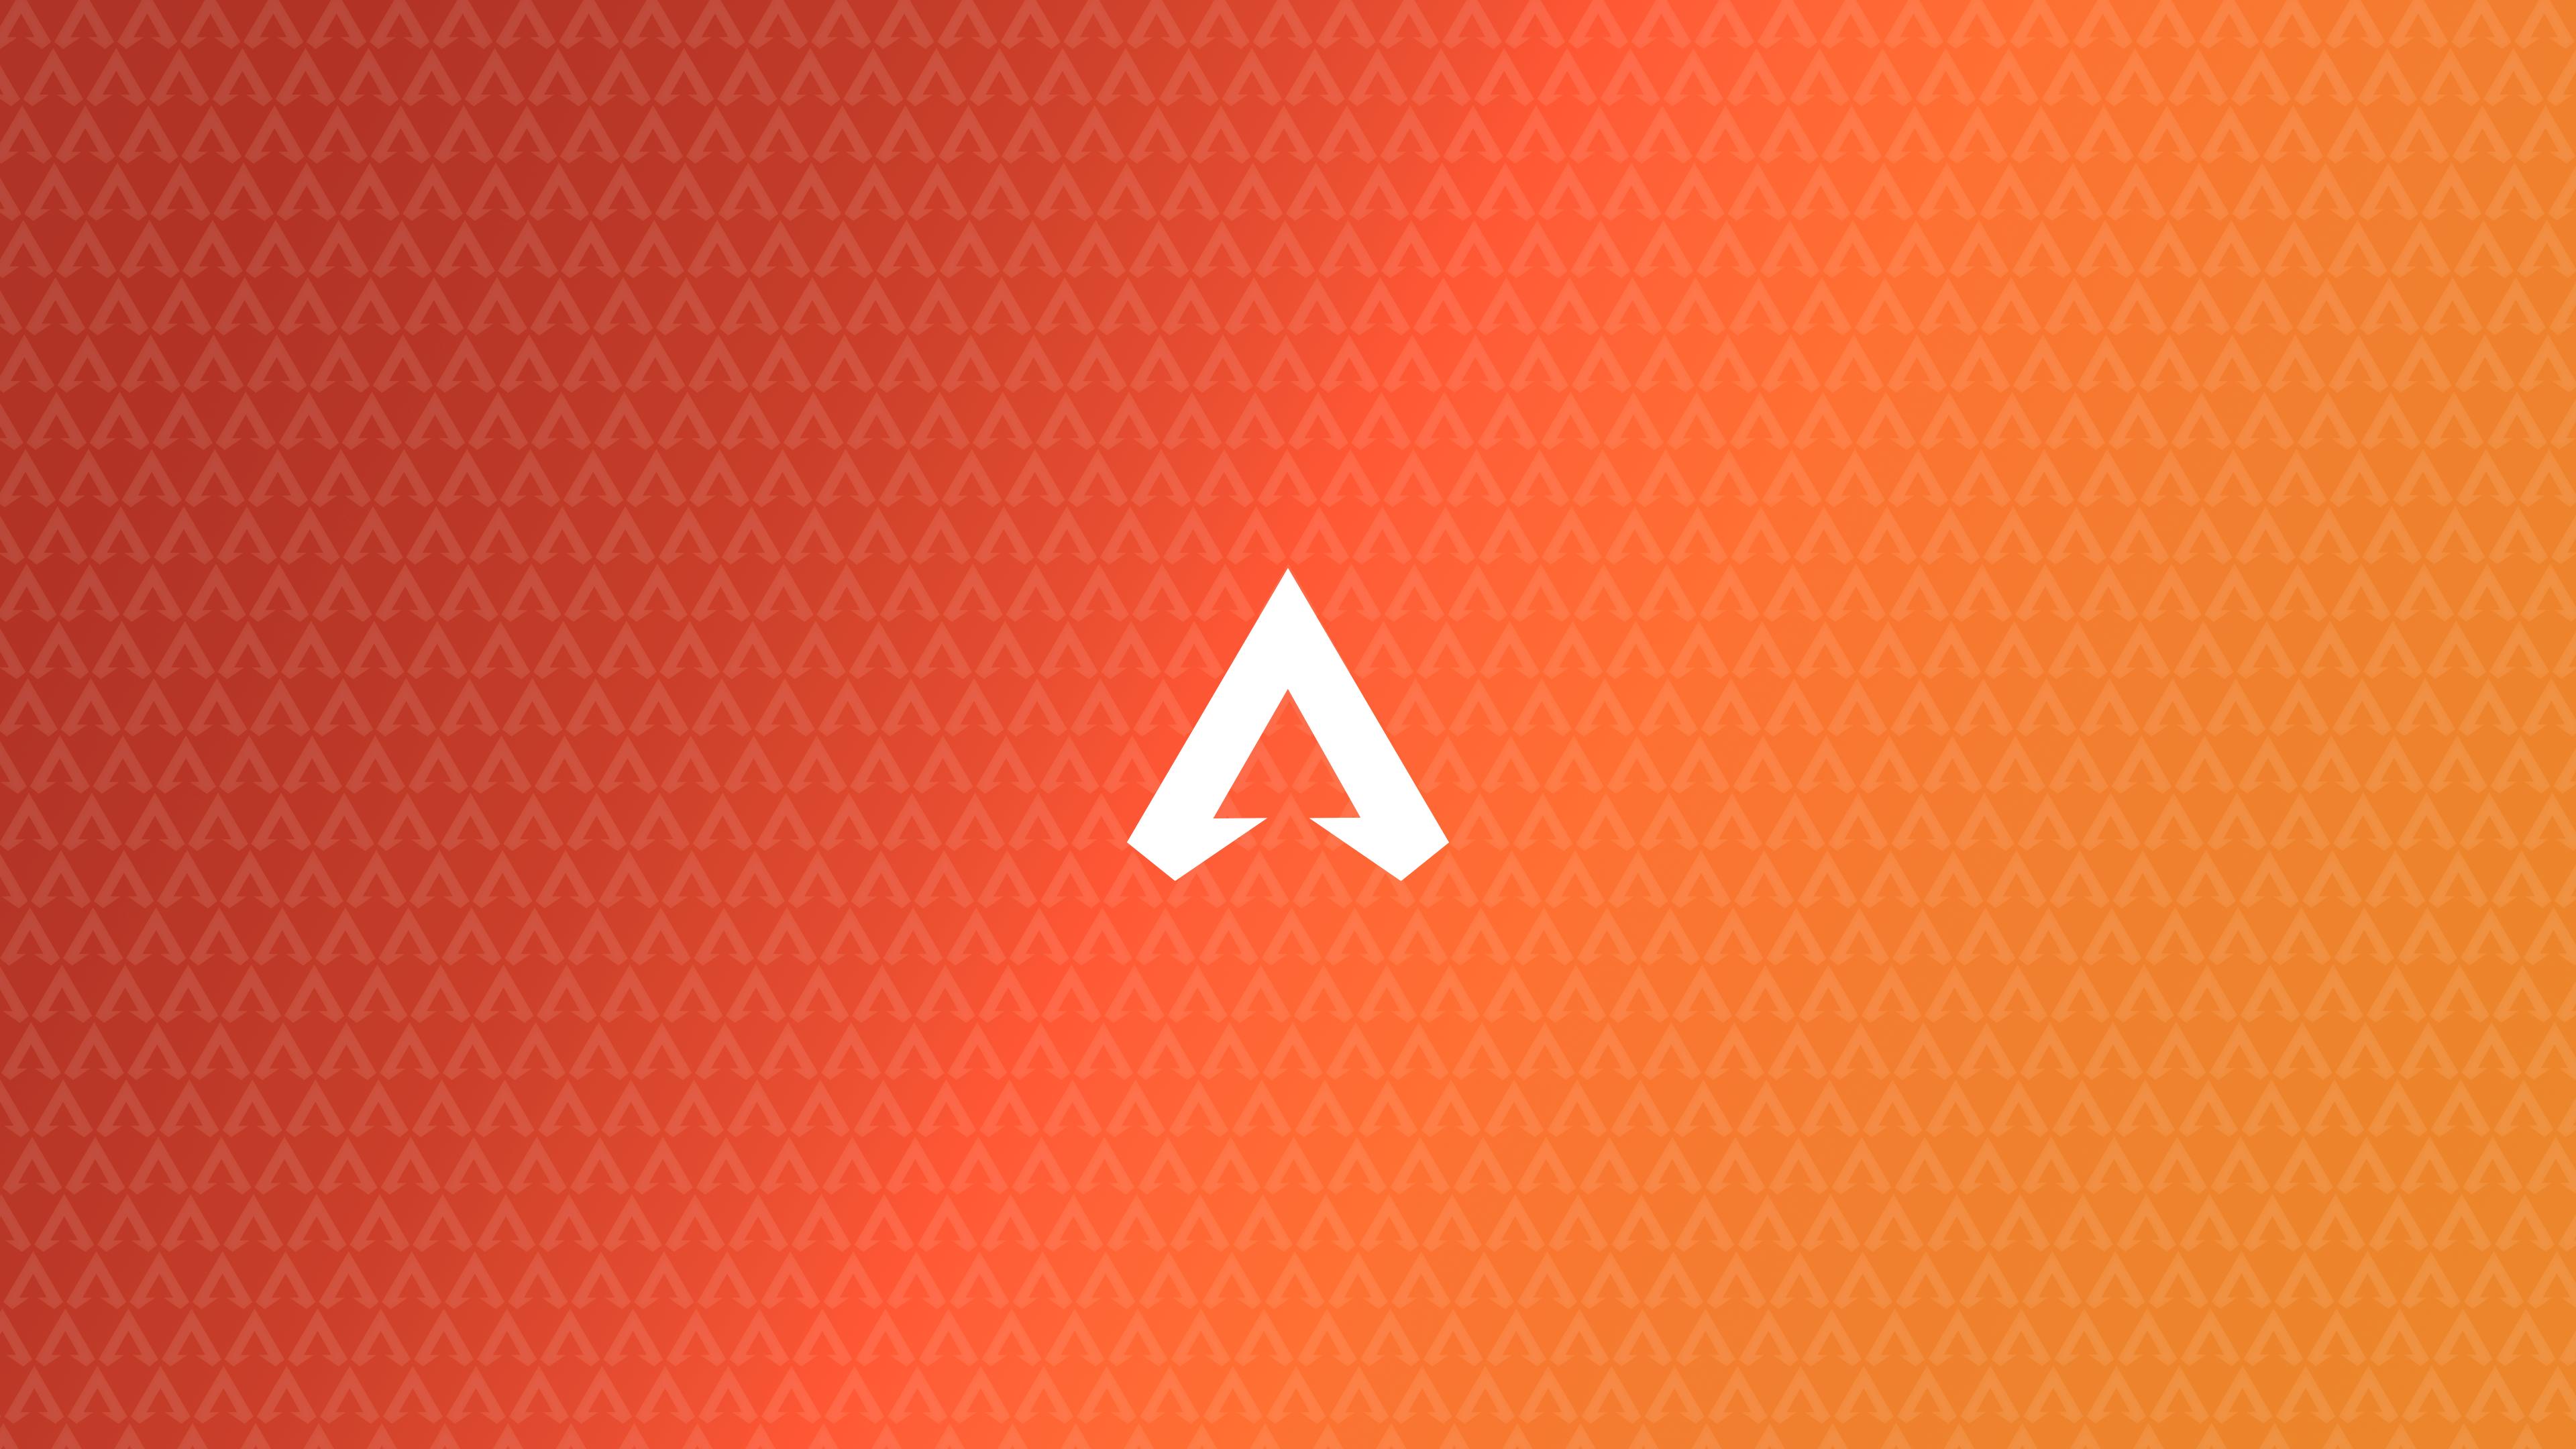 Orange Gaming Wallpaper 4k